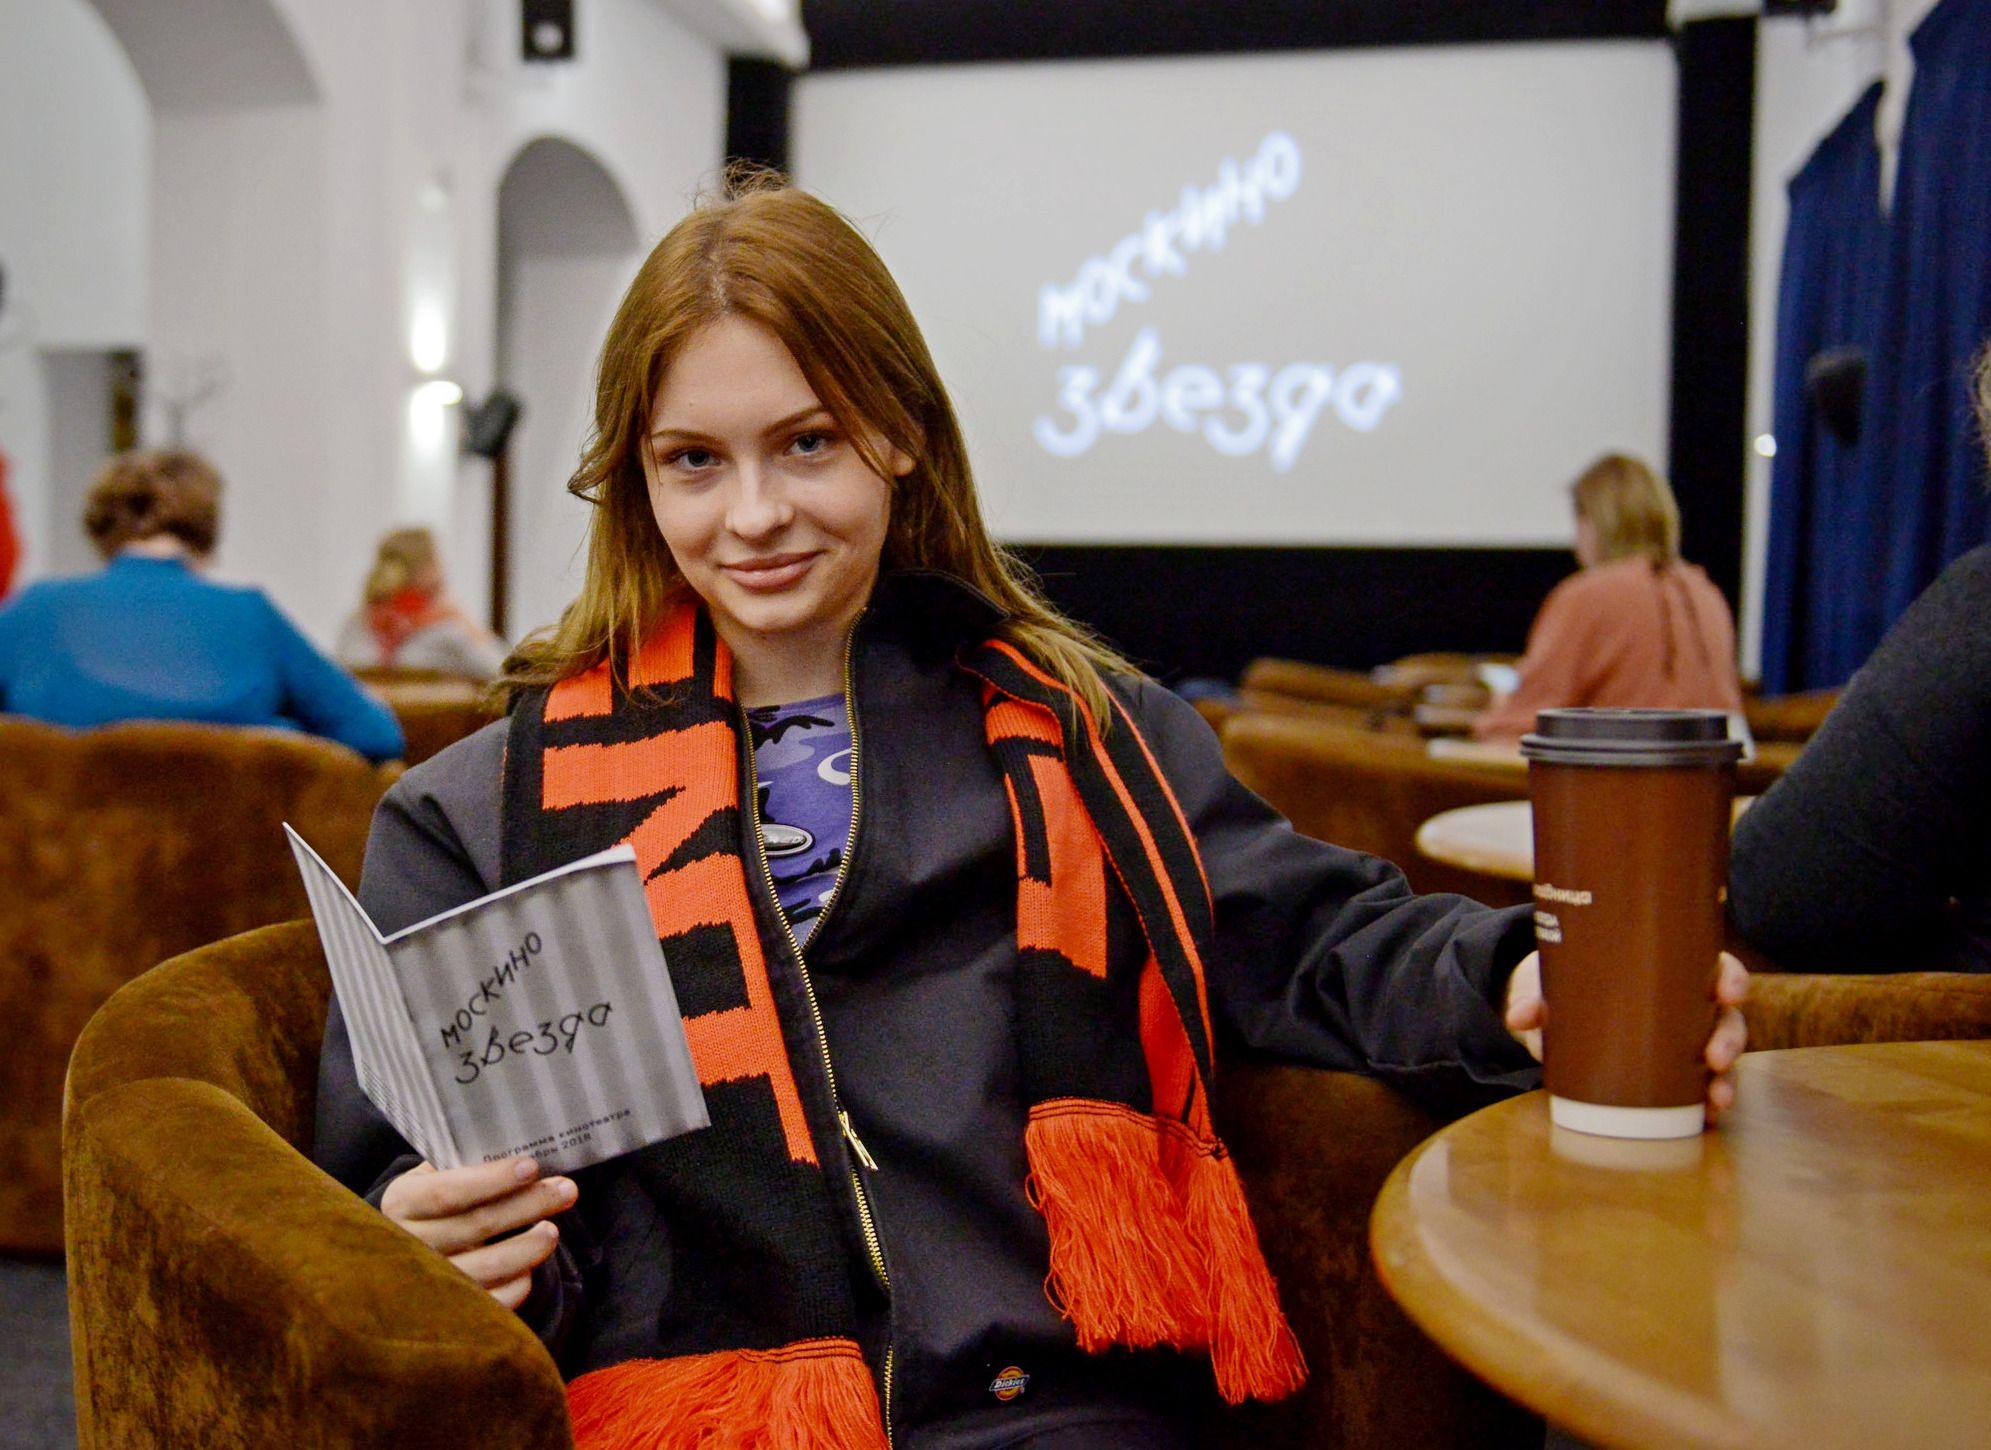 В Госдуме предложили подарить студентам бесплатные билеты в кино 25 января